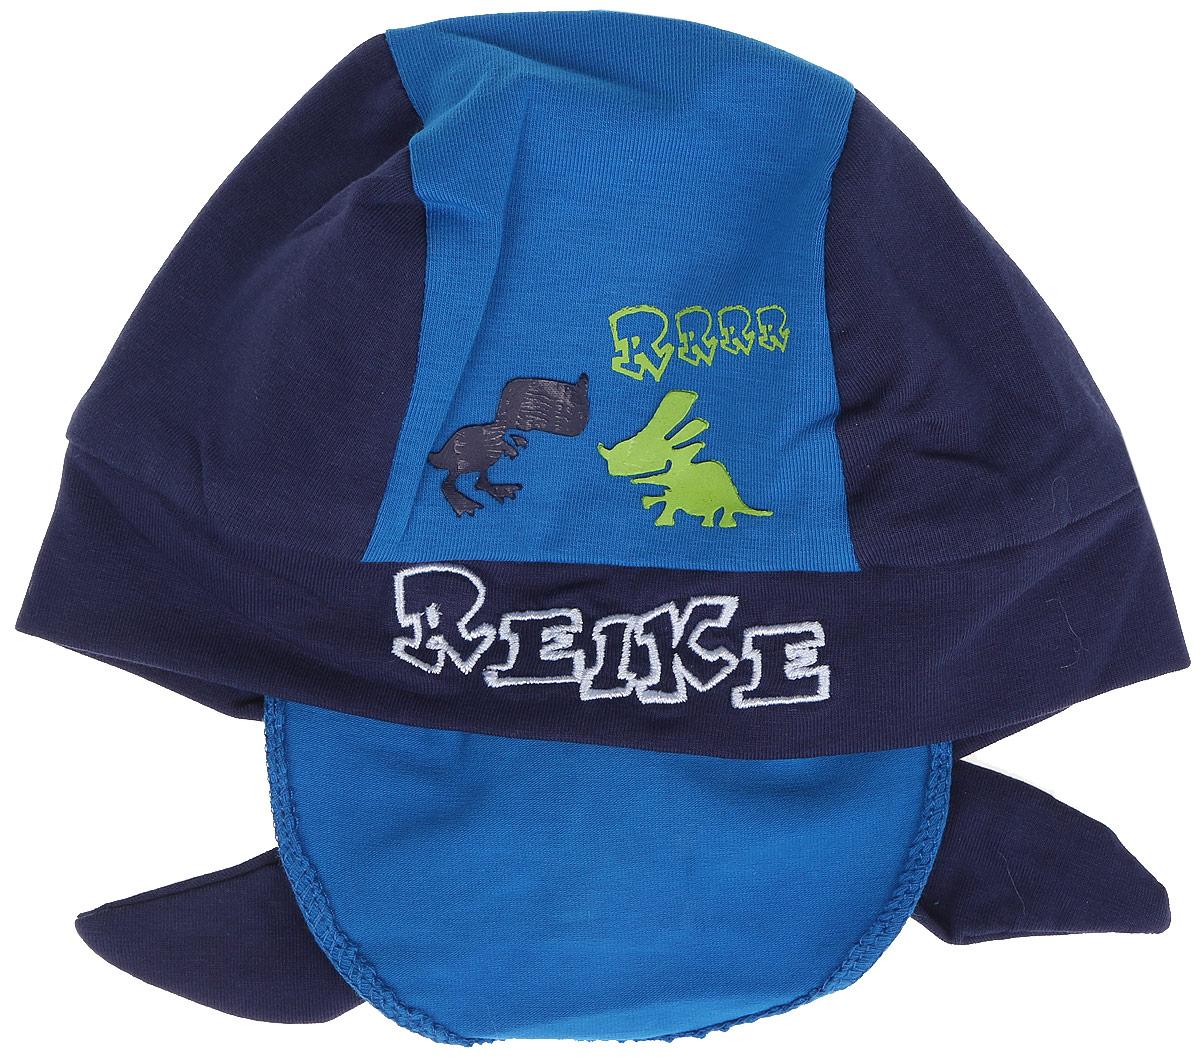 Бандана для мальчика Reike Динозаврики, цвет: синий. RKNSS17-DIN8. Размер 46RKNSS17-DIN8_navyБандана для мальчика Reike Динозаврики, изготовленная из натурального хлопка, станет стильным аксессуаром во время прогулок и игр на свежем воздухе, защищая голову малыша от солнца и ветра. Бандана оформлена принтом в стиле серии и вышитой надписью с названием бренда и фиксируется на голове широкими завязками.Уважаемые клиенты!Размер, доступный для заказа, является обхватом головы.